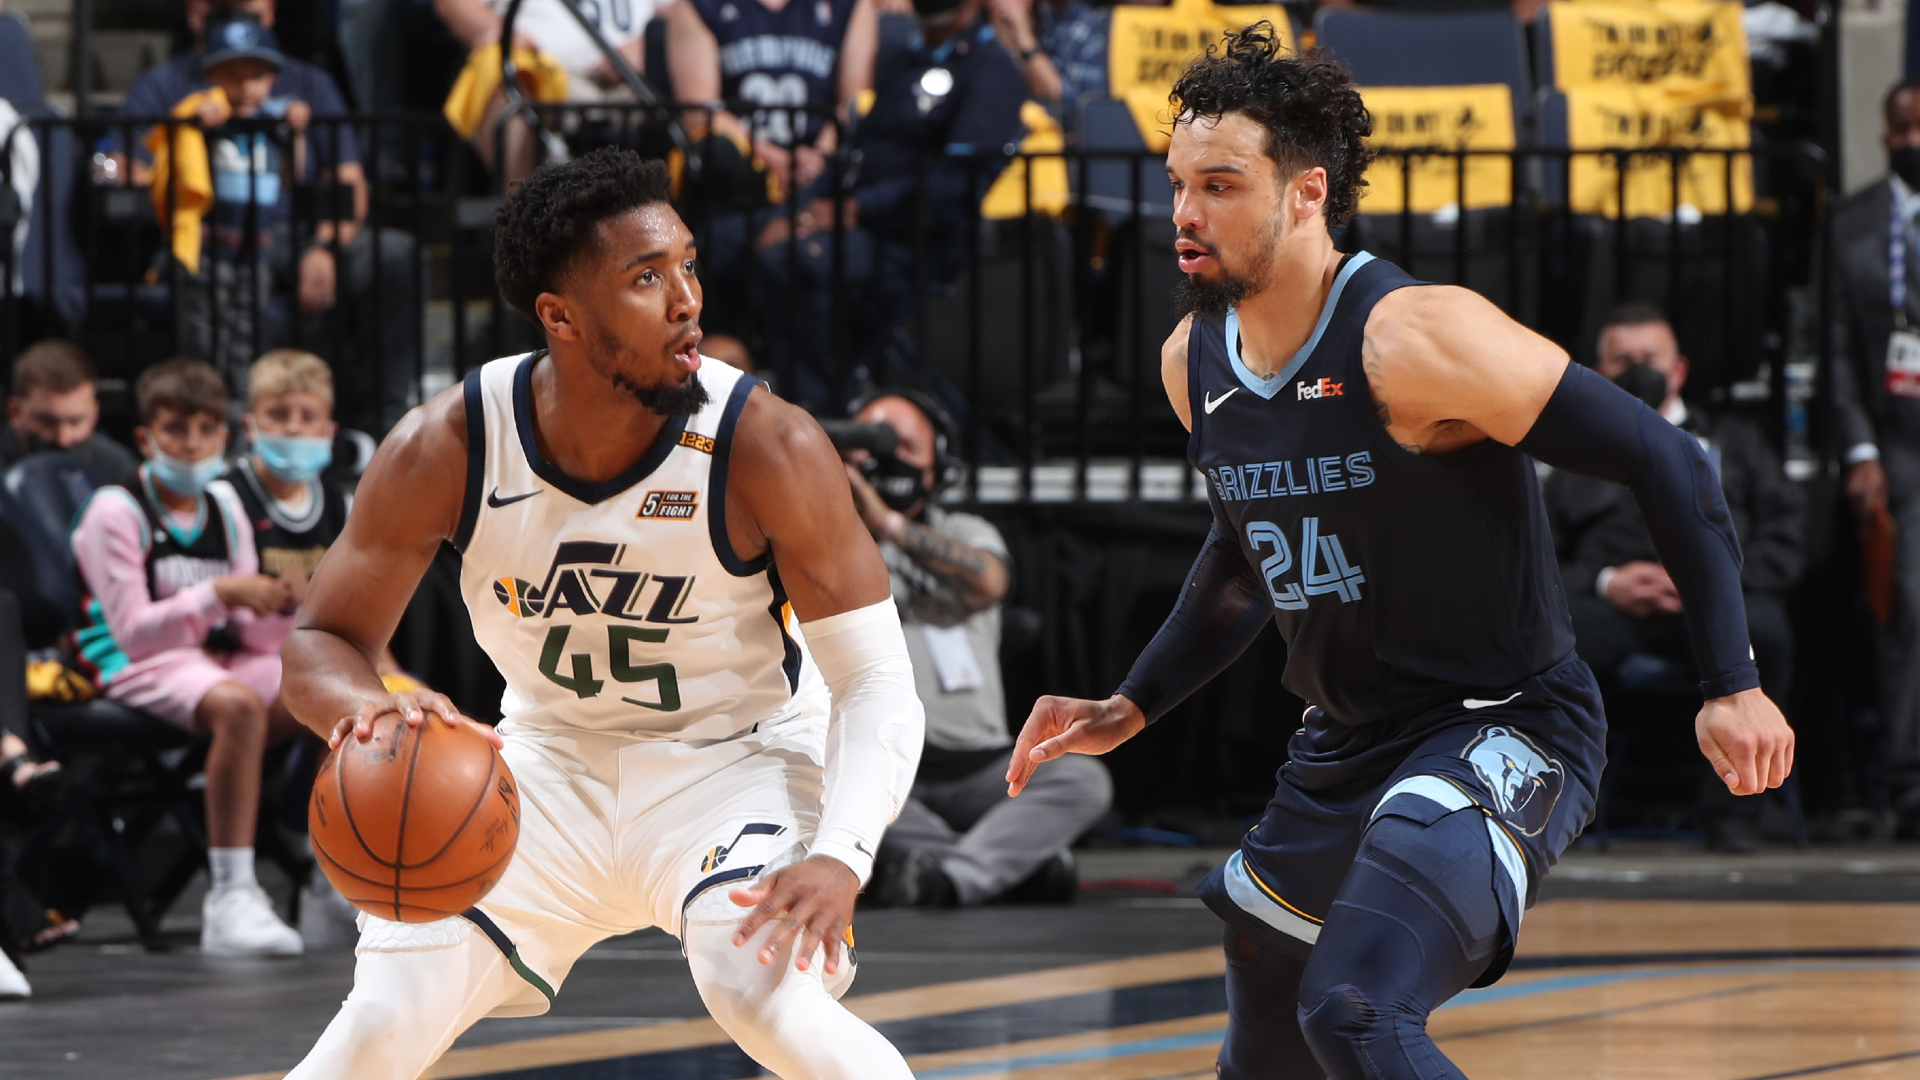 Game Recap: Jazz 120, Grizzlies 113